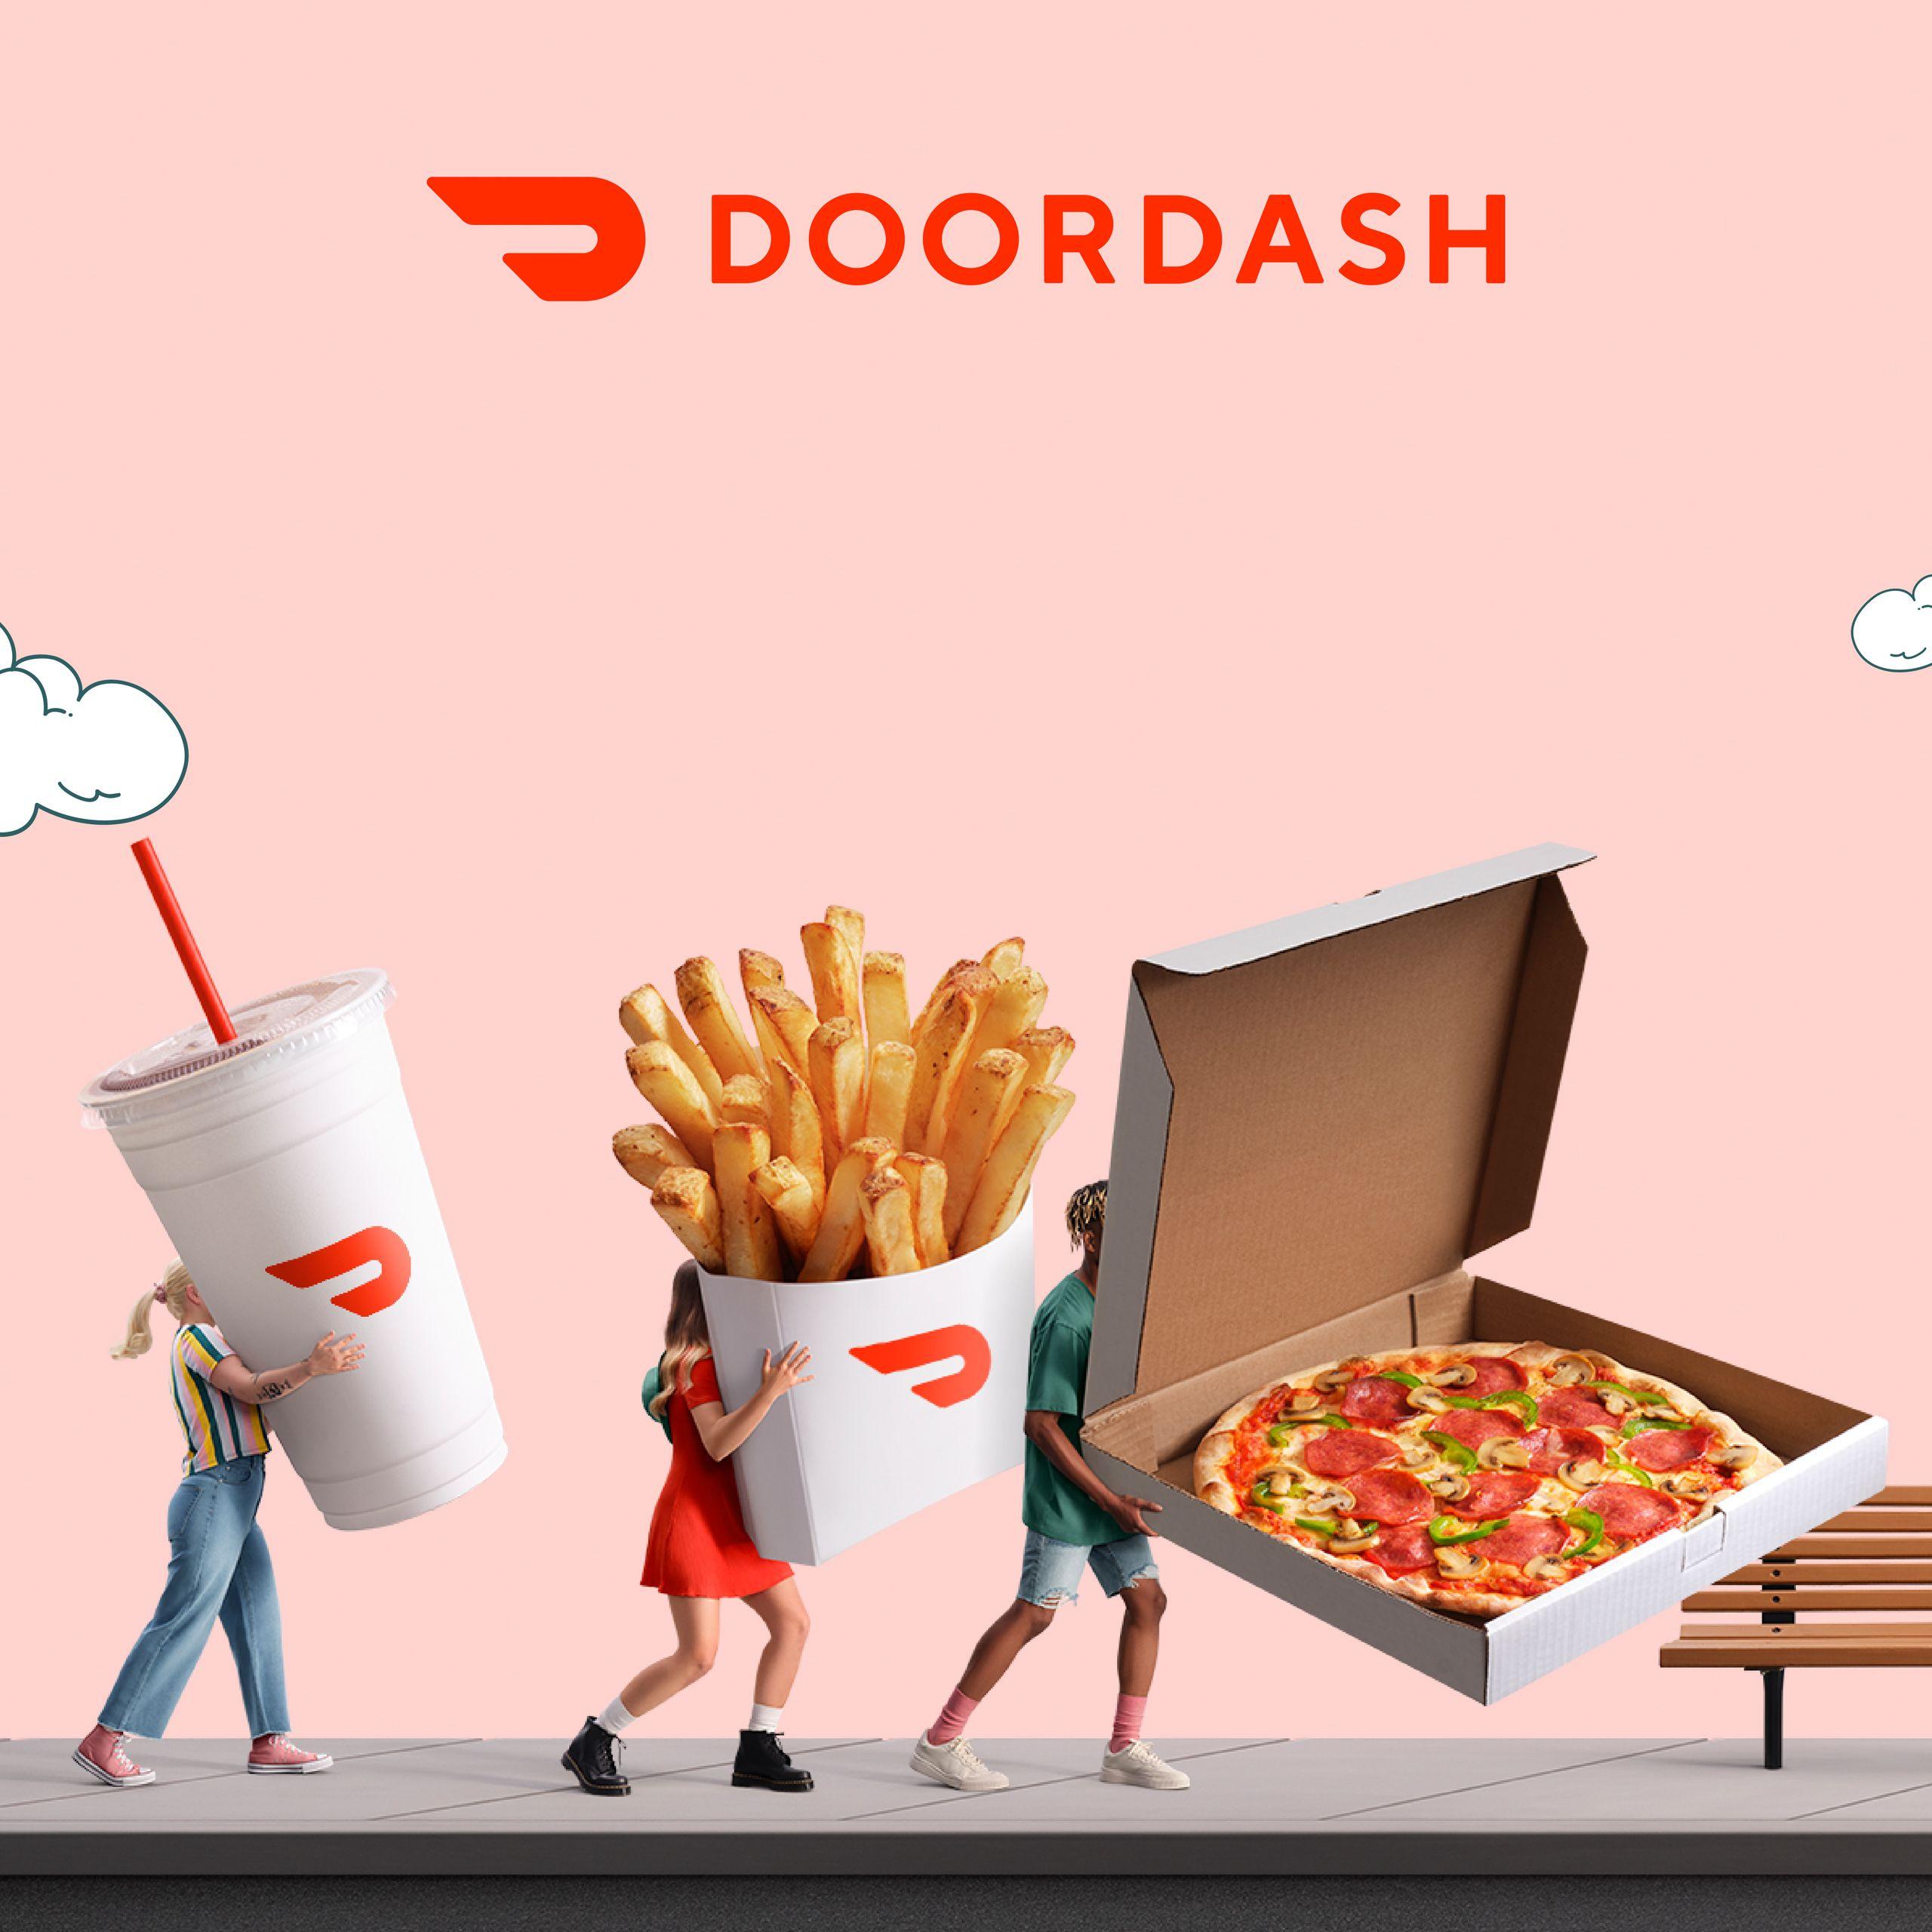 Trois jeunes gens habillés à la mode transportent d'énormes produits alimentaires (un cola, des frites et une pizza) de la livraison doordash. Ils marchent sur le trottoir avec un fond rose derrière eux.